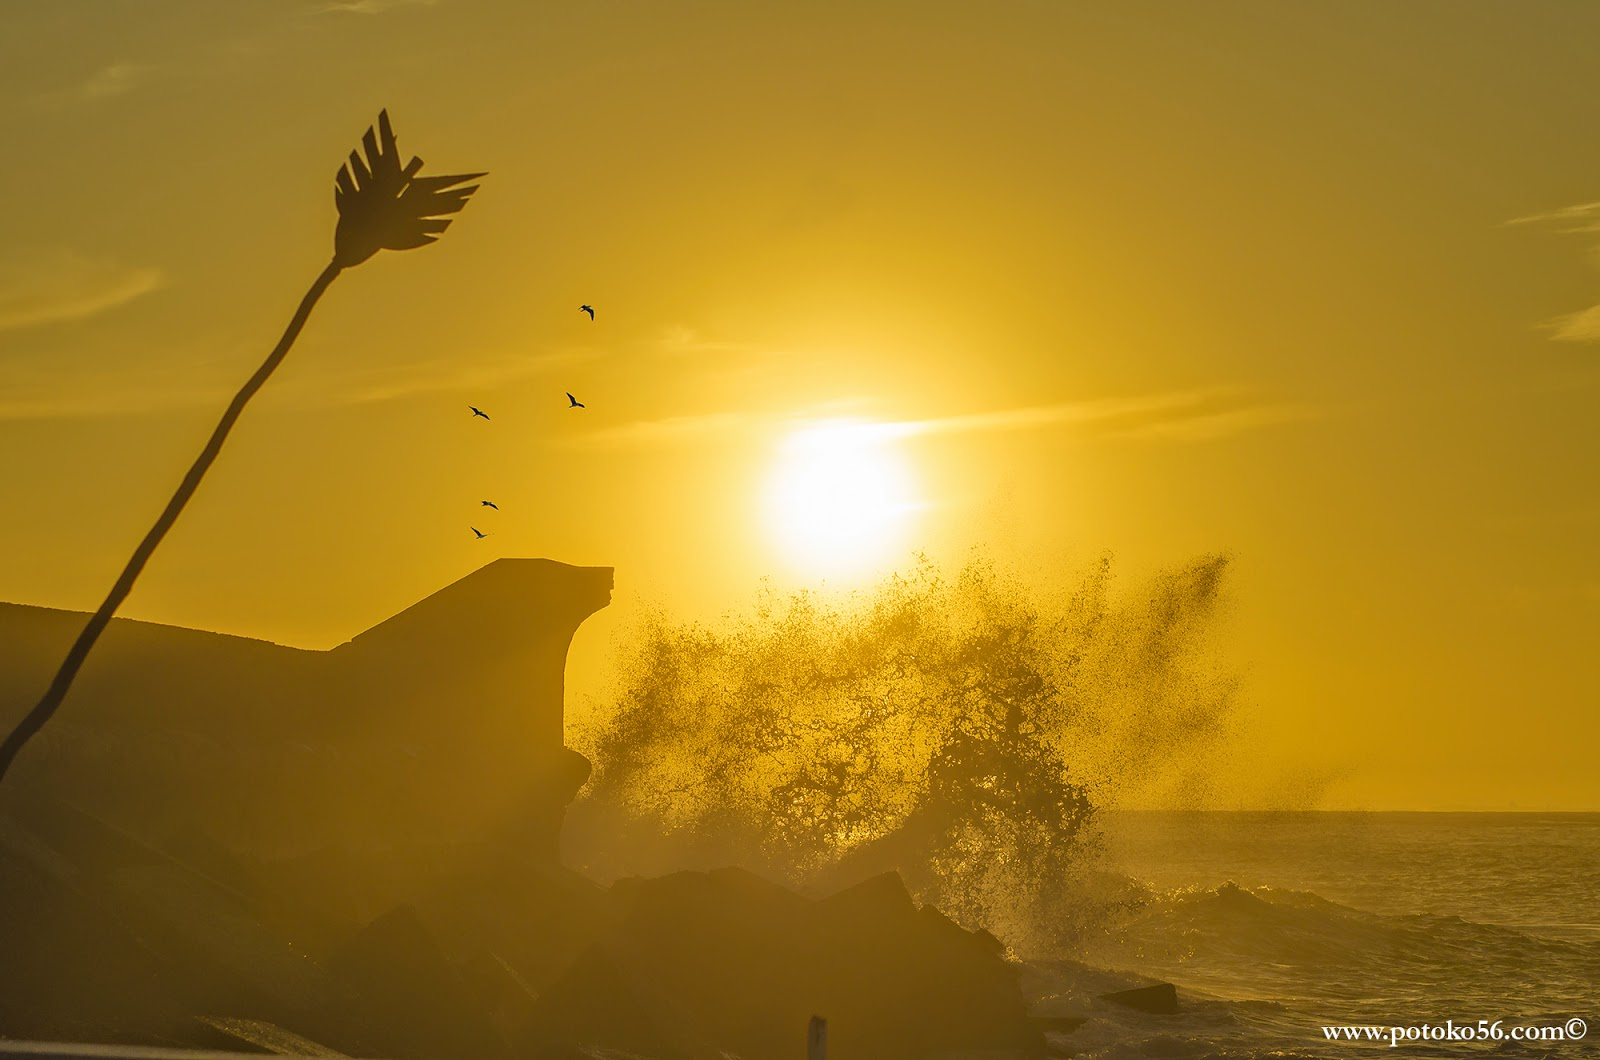 La fuerza del Mar enrabietado golpeando el Muelle de Rota